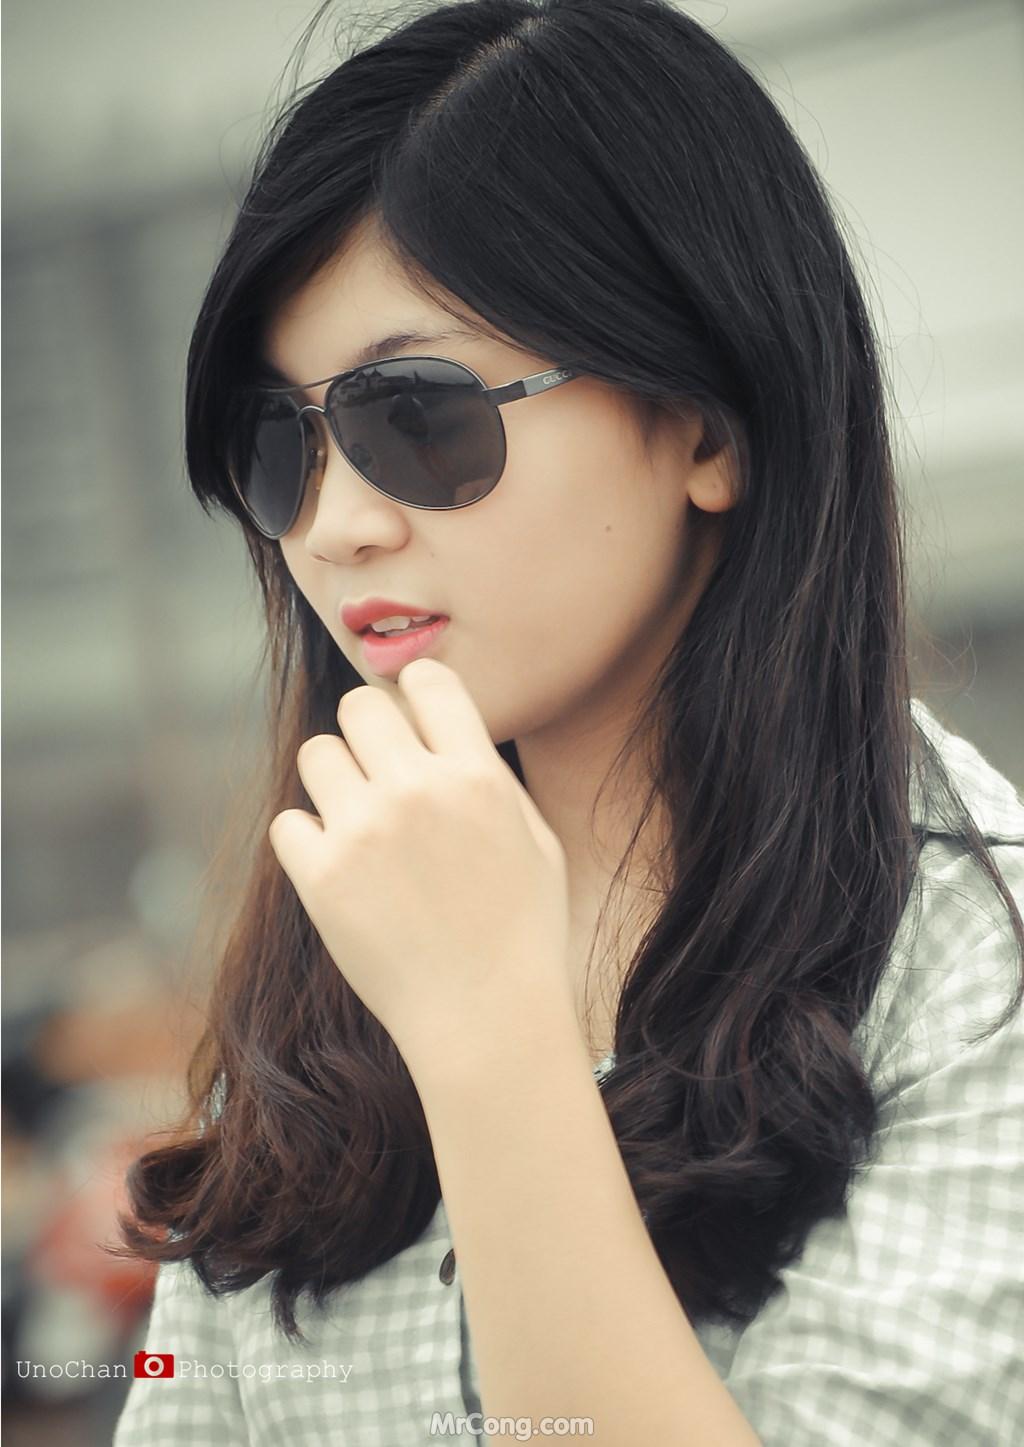 Image Vietnamese-Girls-by-Chan-Hong-Vuong-Uno-Chan-MrCong.com-233 in post Gái Việt duyên dáng, quyến rũ qua góc chụp của Chan Hong Vuong (250 ảnh)